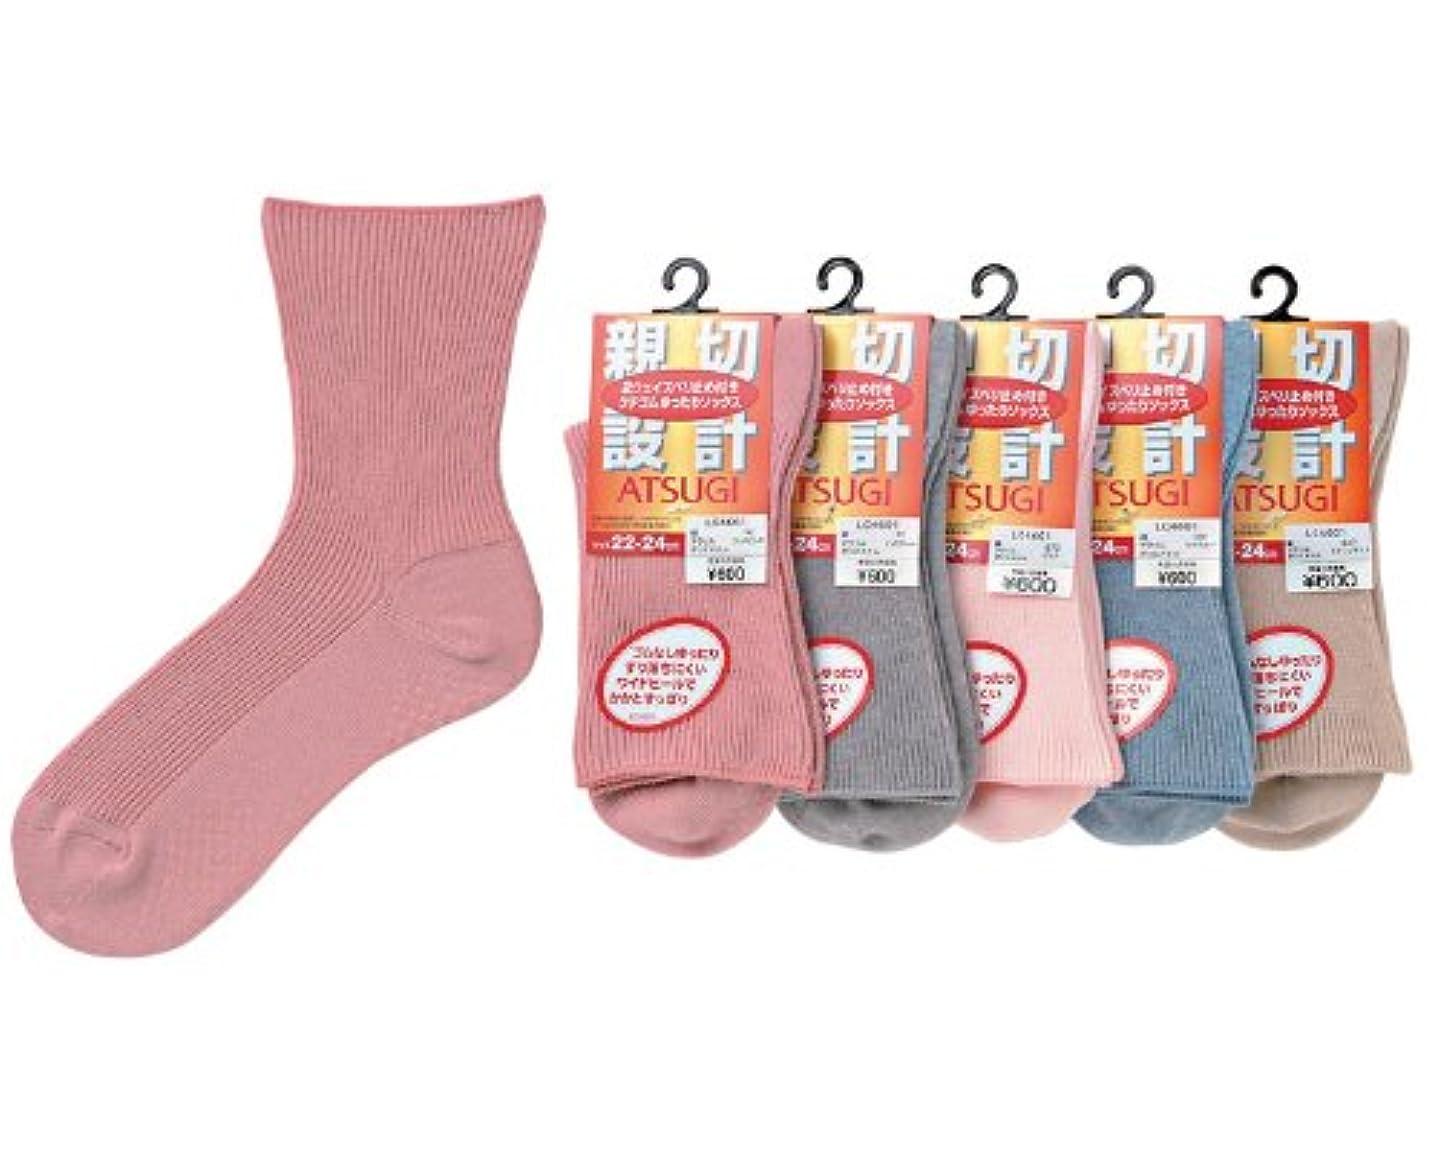 アナウンサー管理する慎重綿混ゆったりソックス ゴムなし 婦人用 LC4601 ピンク